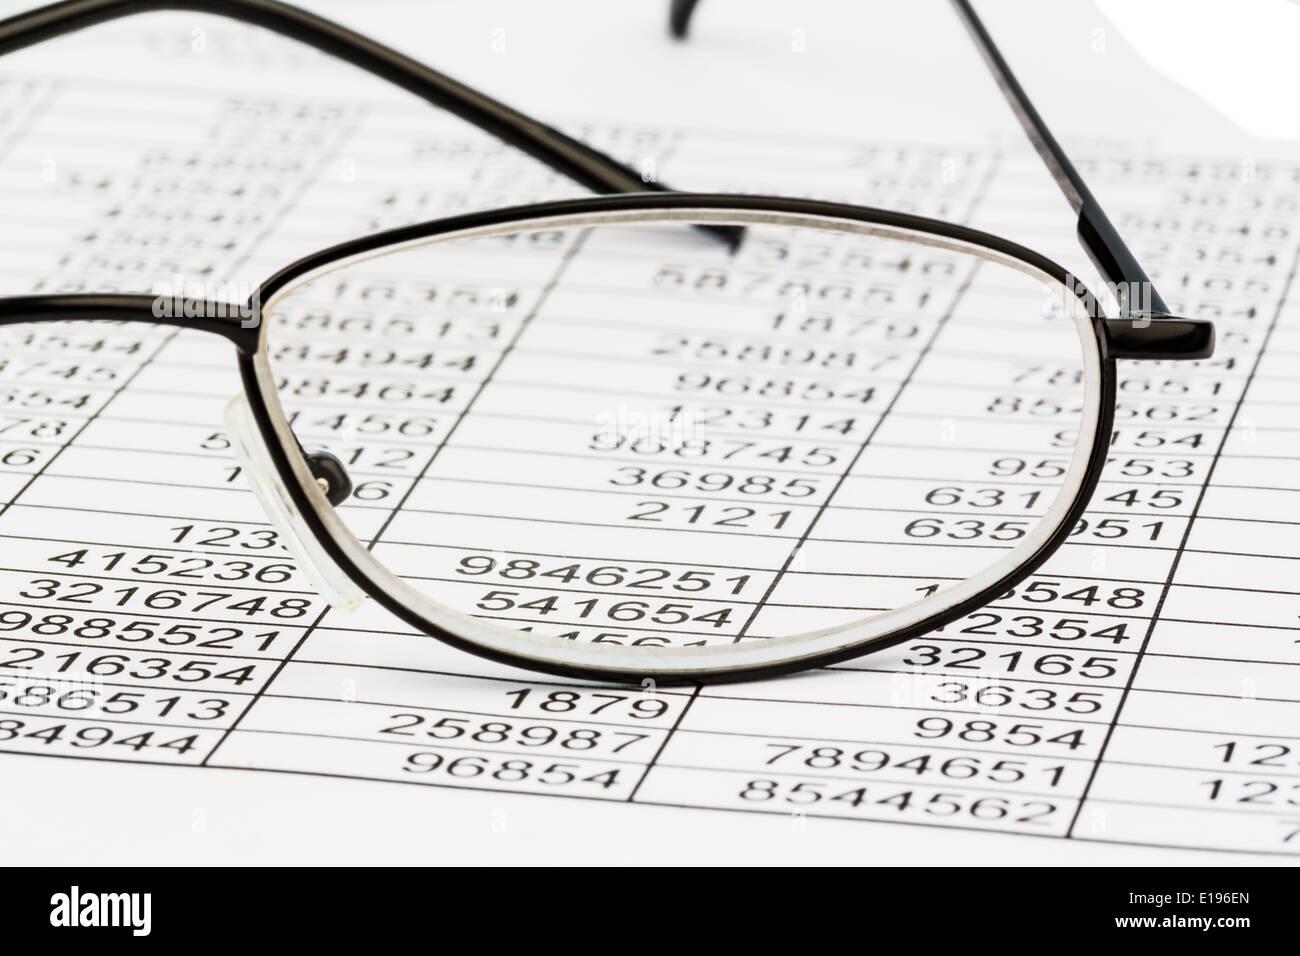 Eine Tabelle mit den Zahlen von Umsatz und Ausgaben. Symbolphoto f¸r Kosetn, Gewinn, Controlling - Stock Image